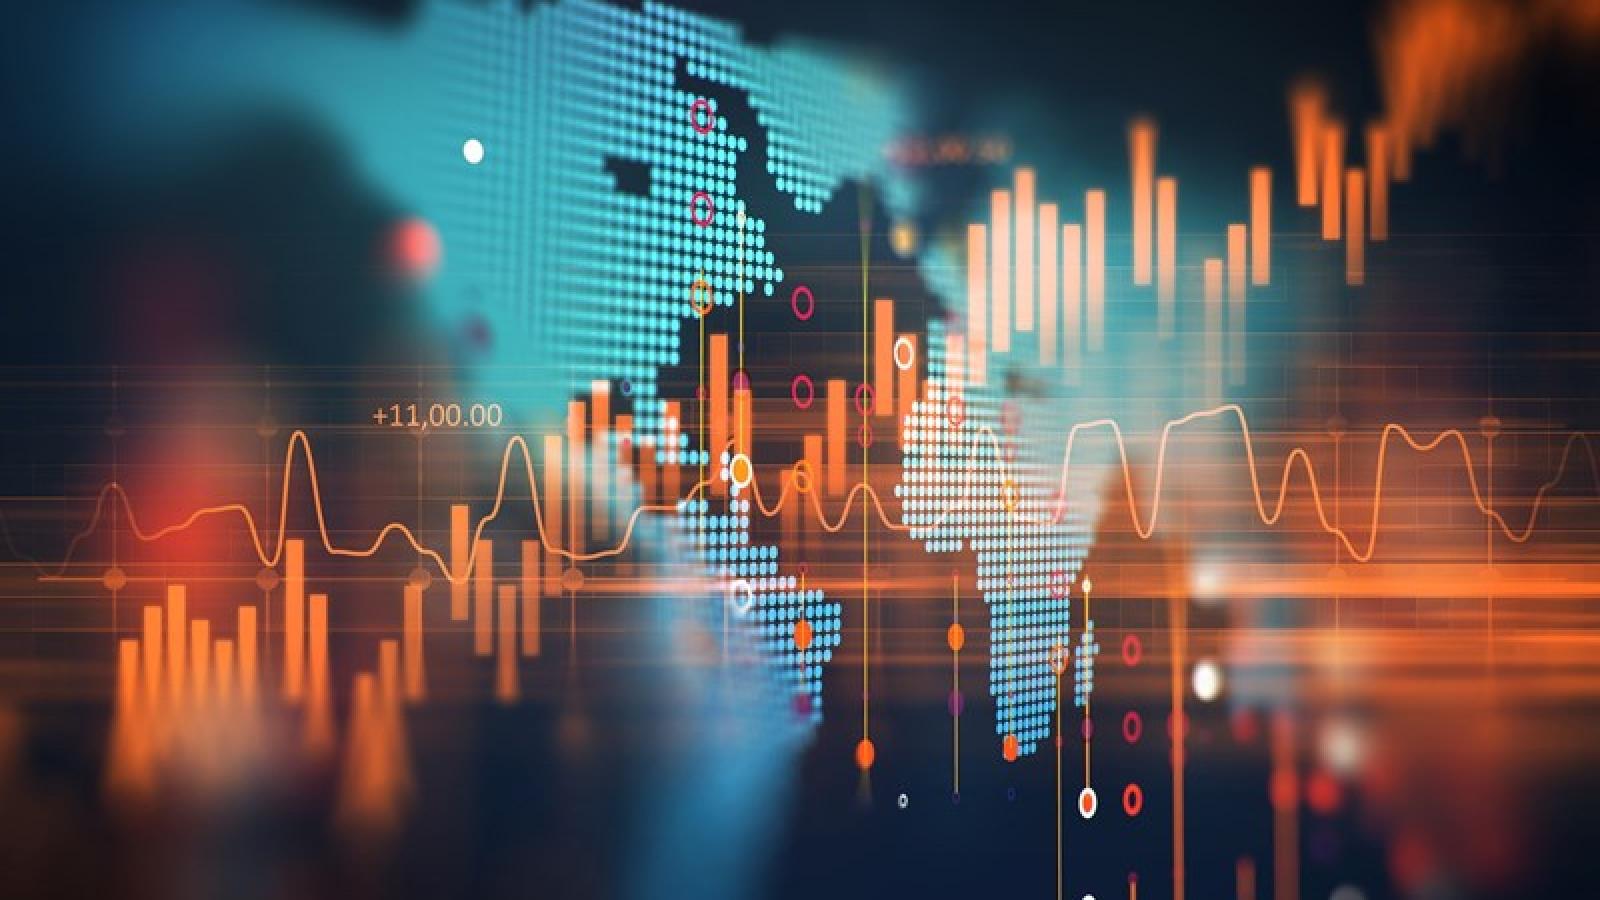 Nhà đầu tư chứng khoán không nên mua đuổi hoặc lướt sóng